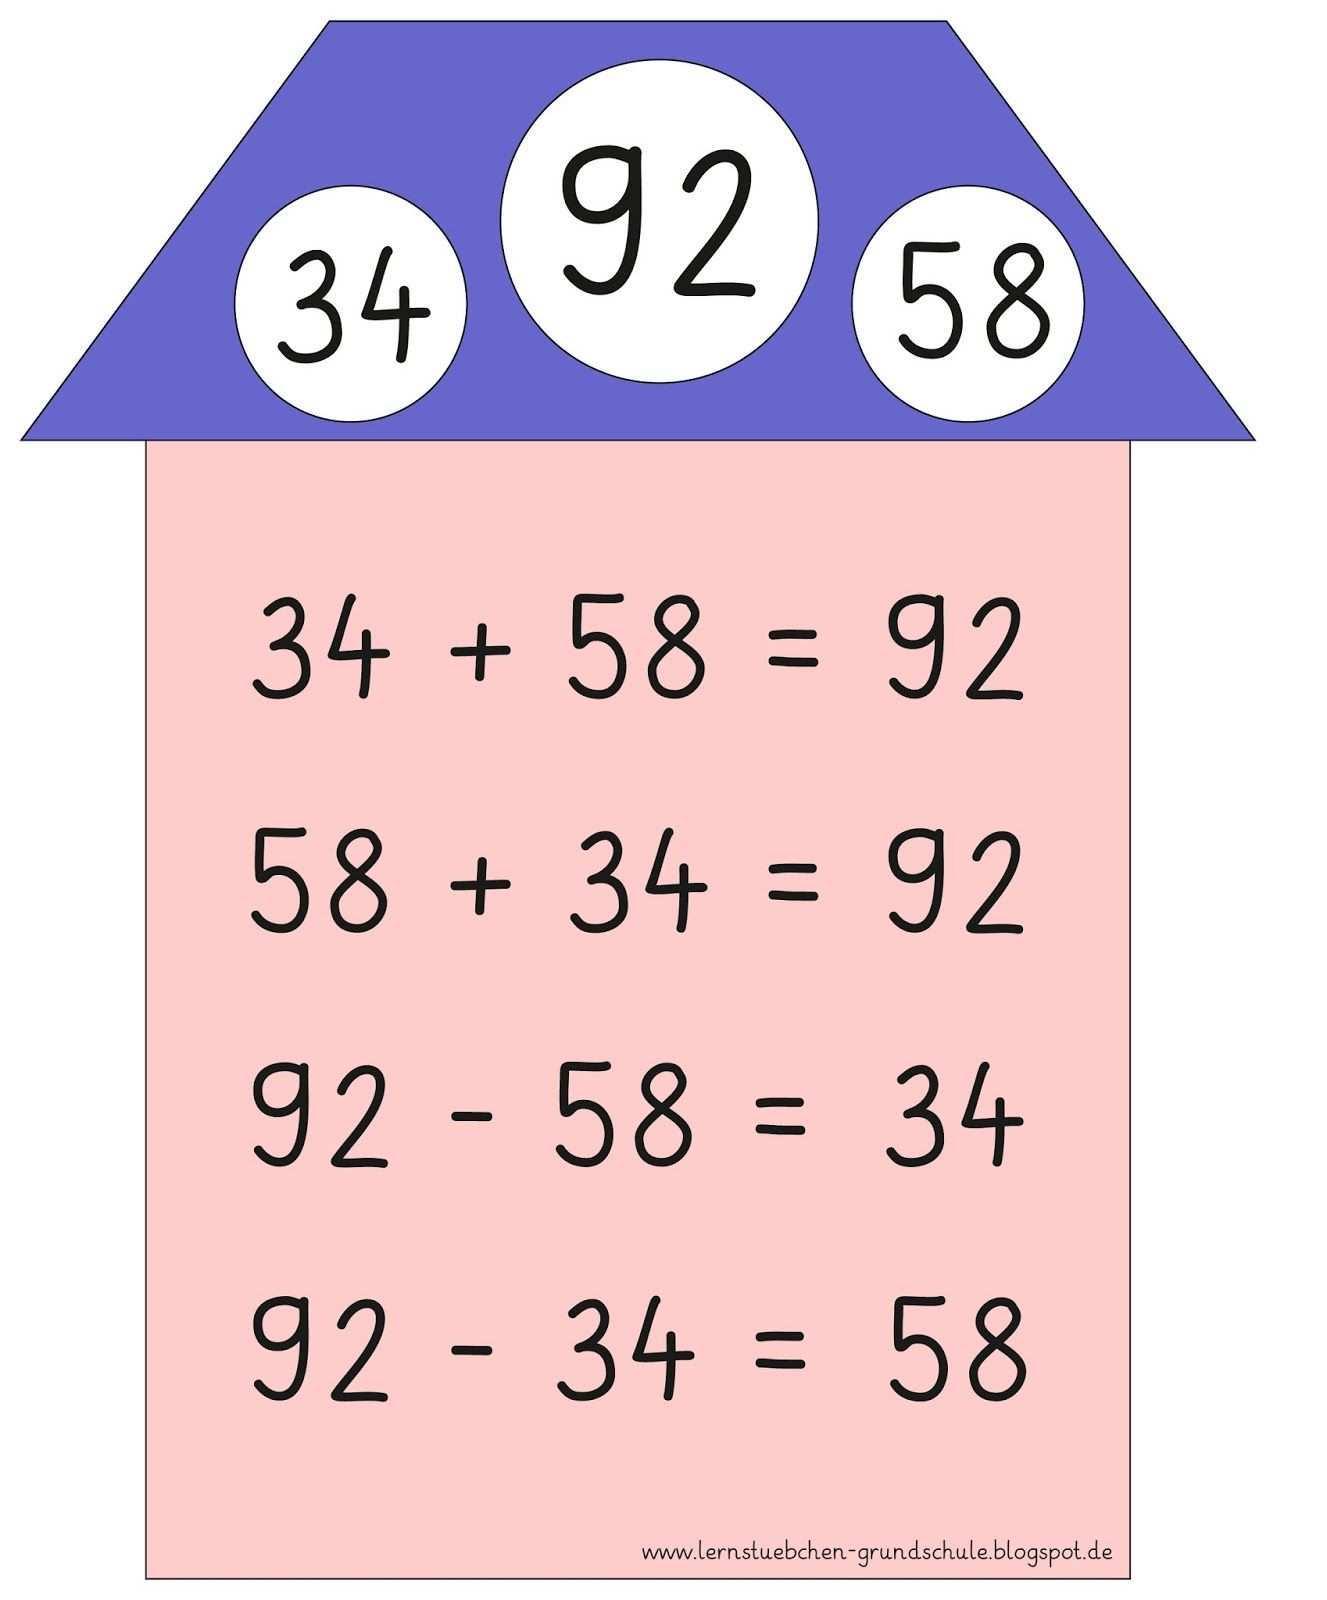 Lernstubchen Aufgabenfamilien 3 Grundschule Lernen Mathe